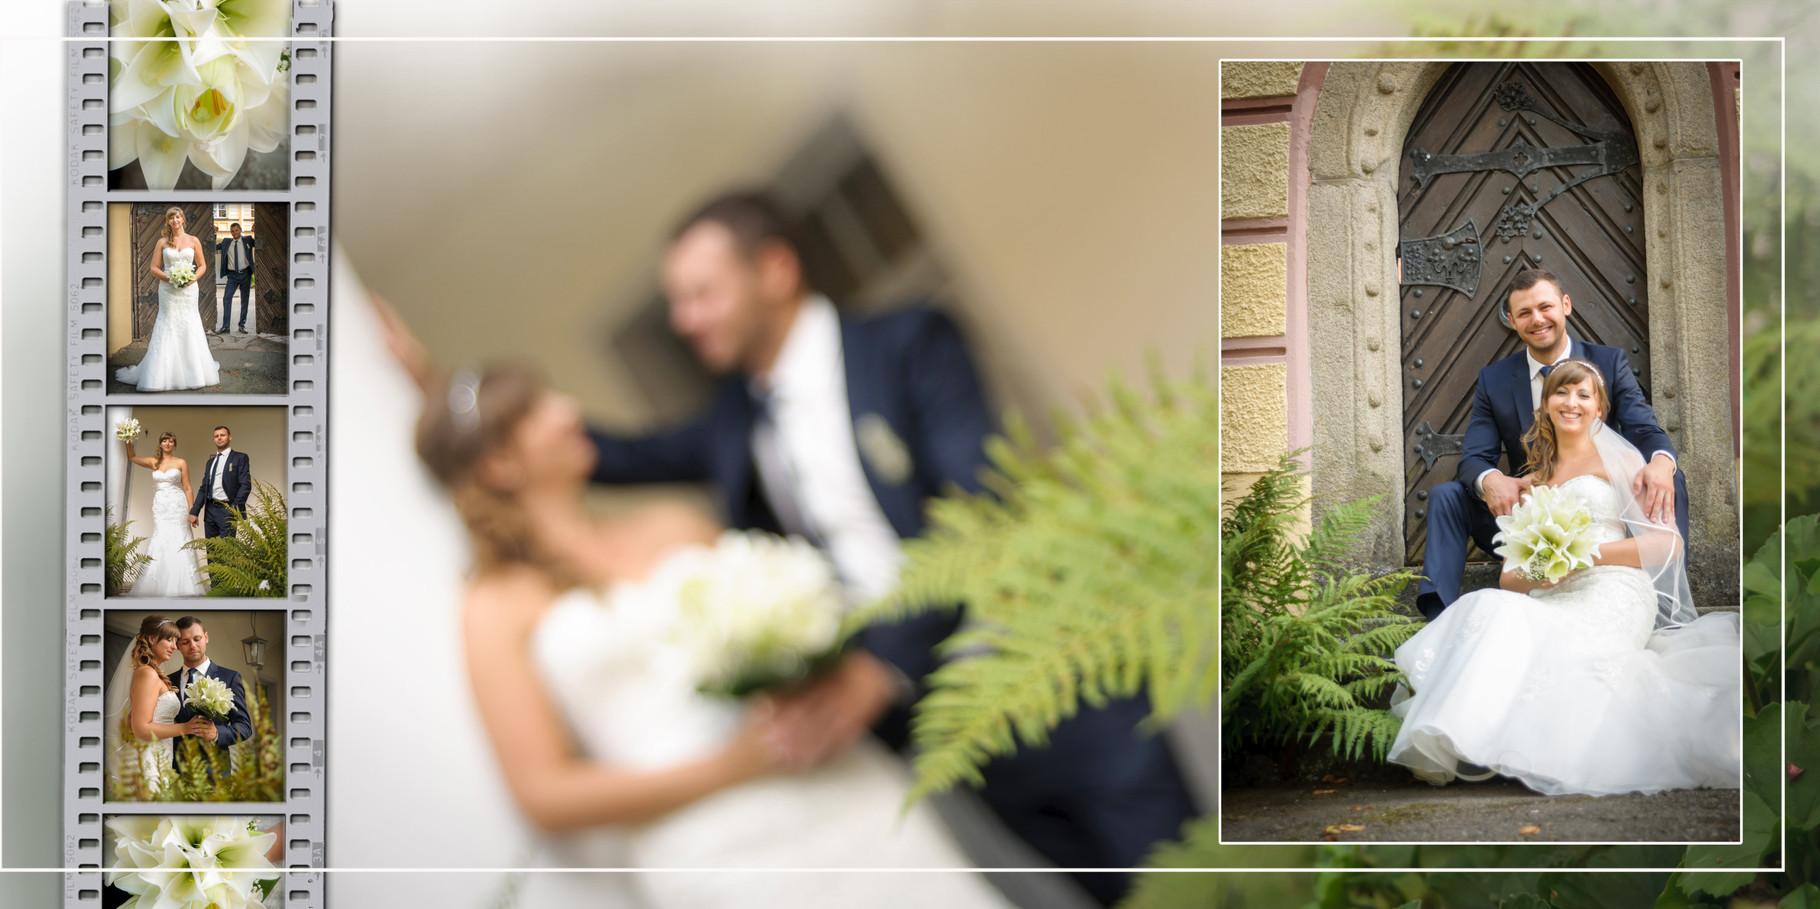 Suche Fotograf für Hochzeit in Schloss Guteneck Oberpfalz Bayern